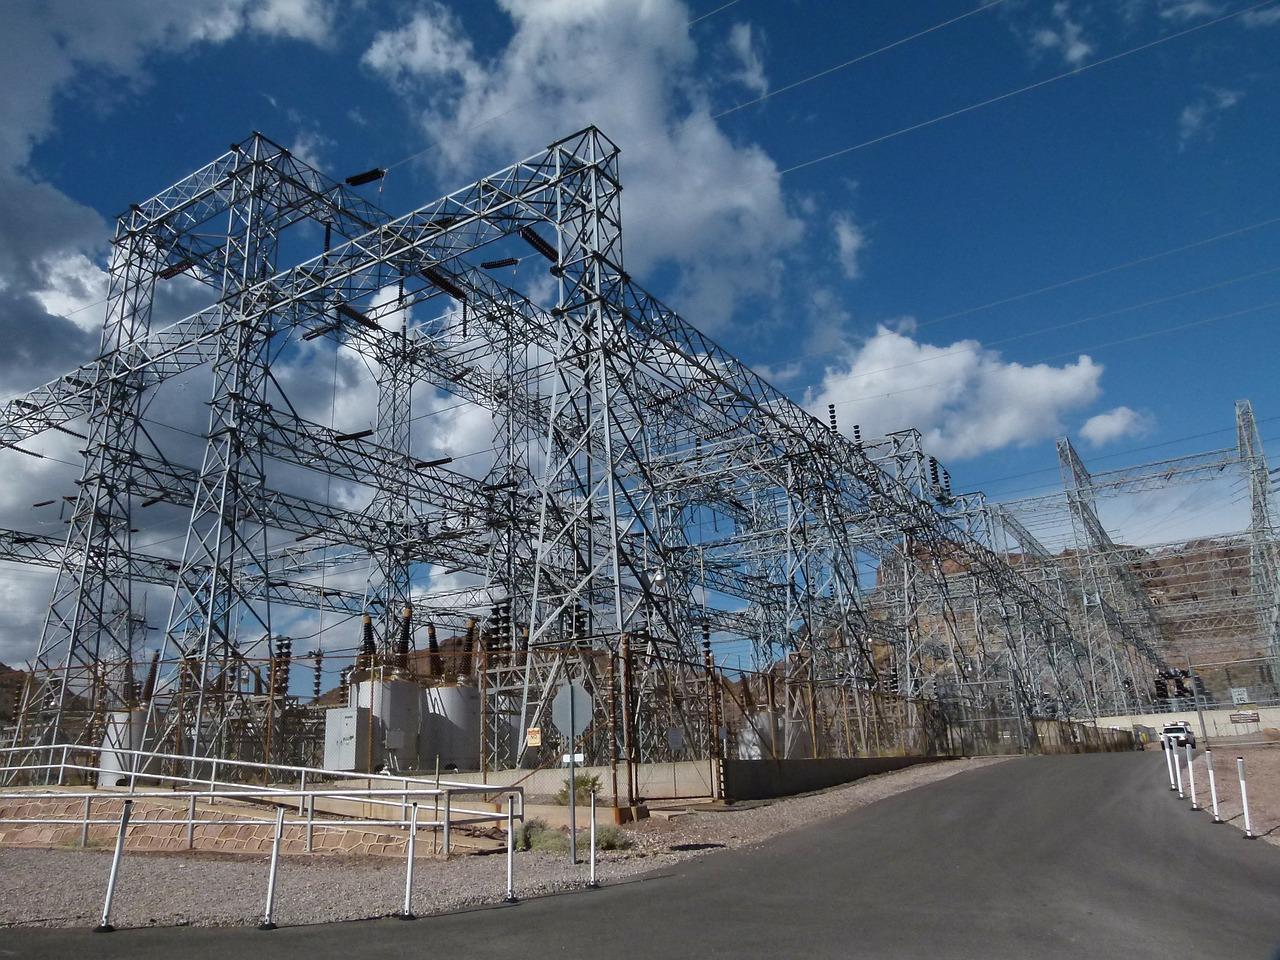 Ahorro de energía en Colombia alcanzó 24.51%, el Viernes Santo